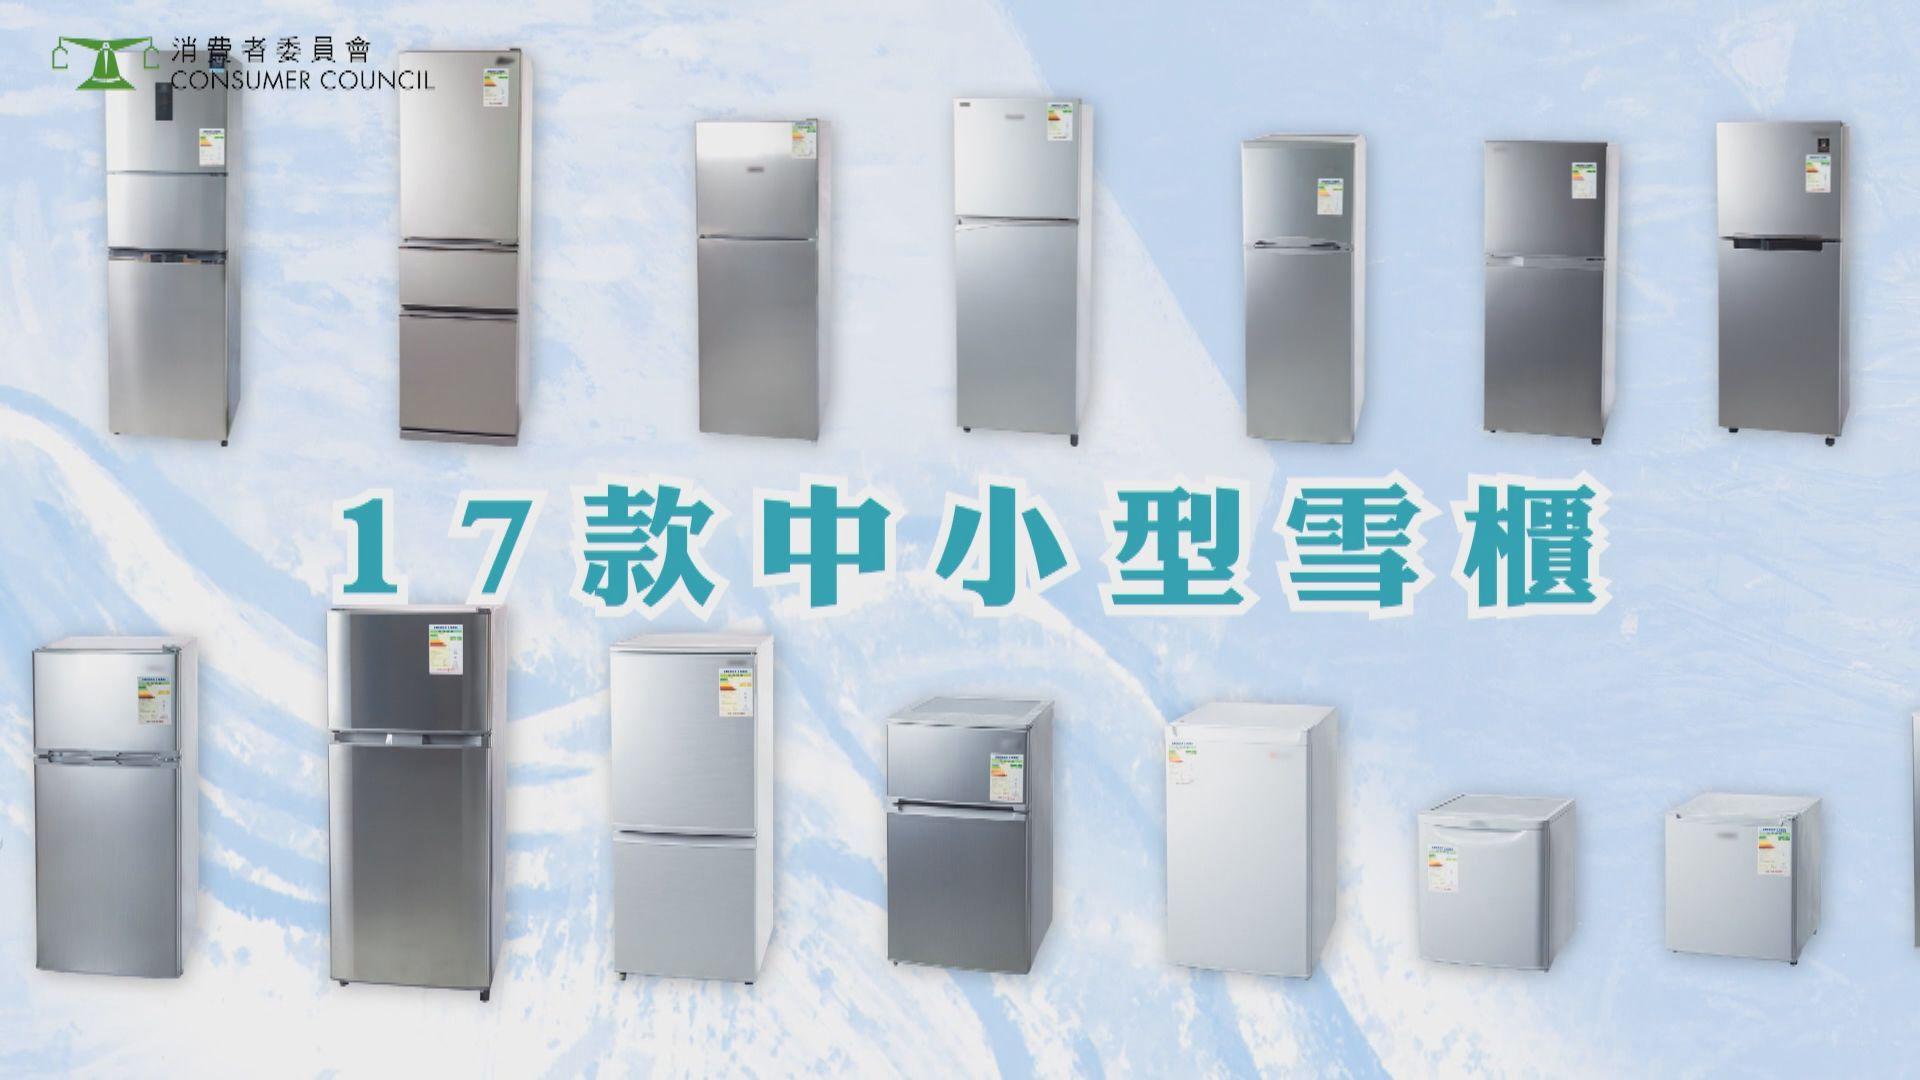 消委會測試17款雪櫃 發現用電量差異甚大